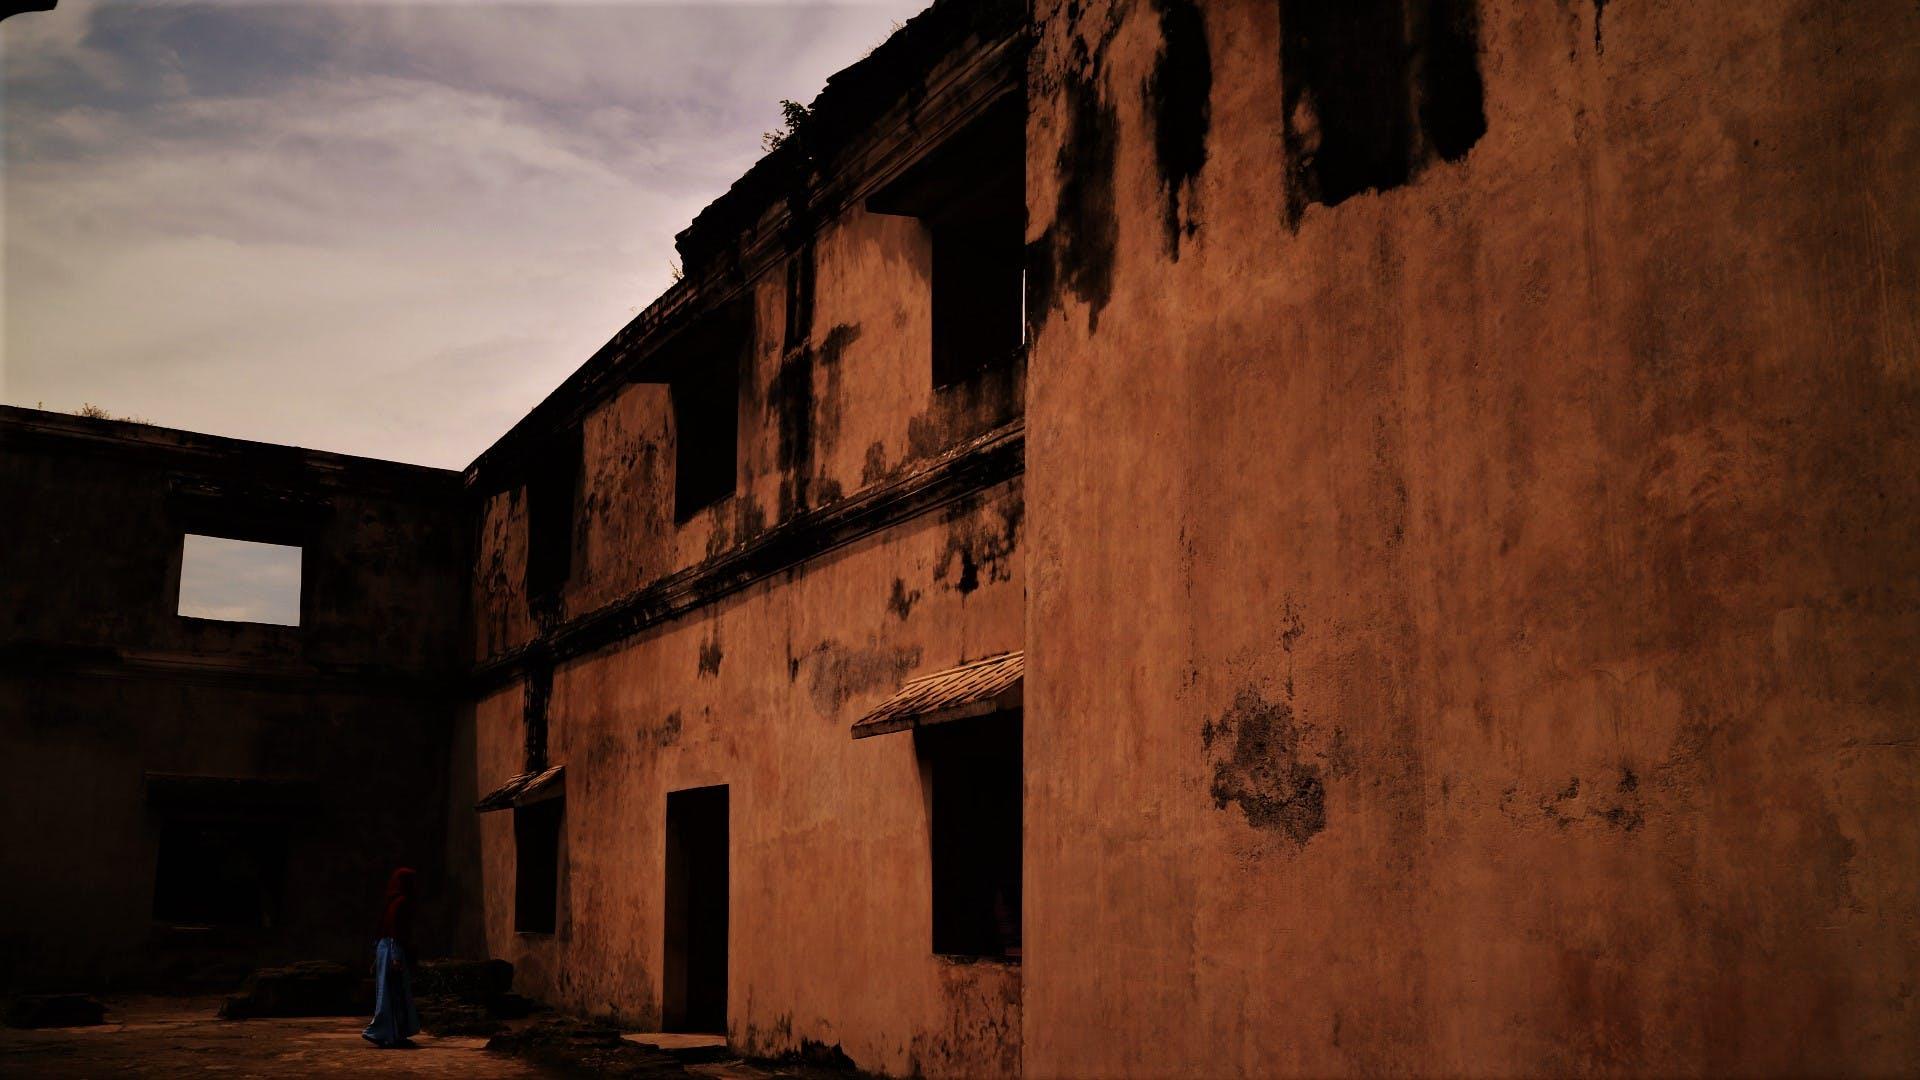 #yogyakarta #building #architecture #shade